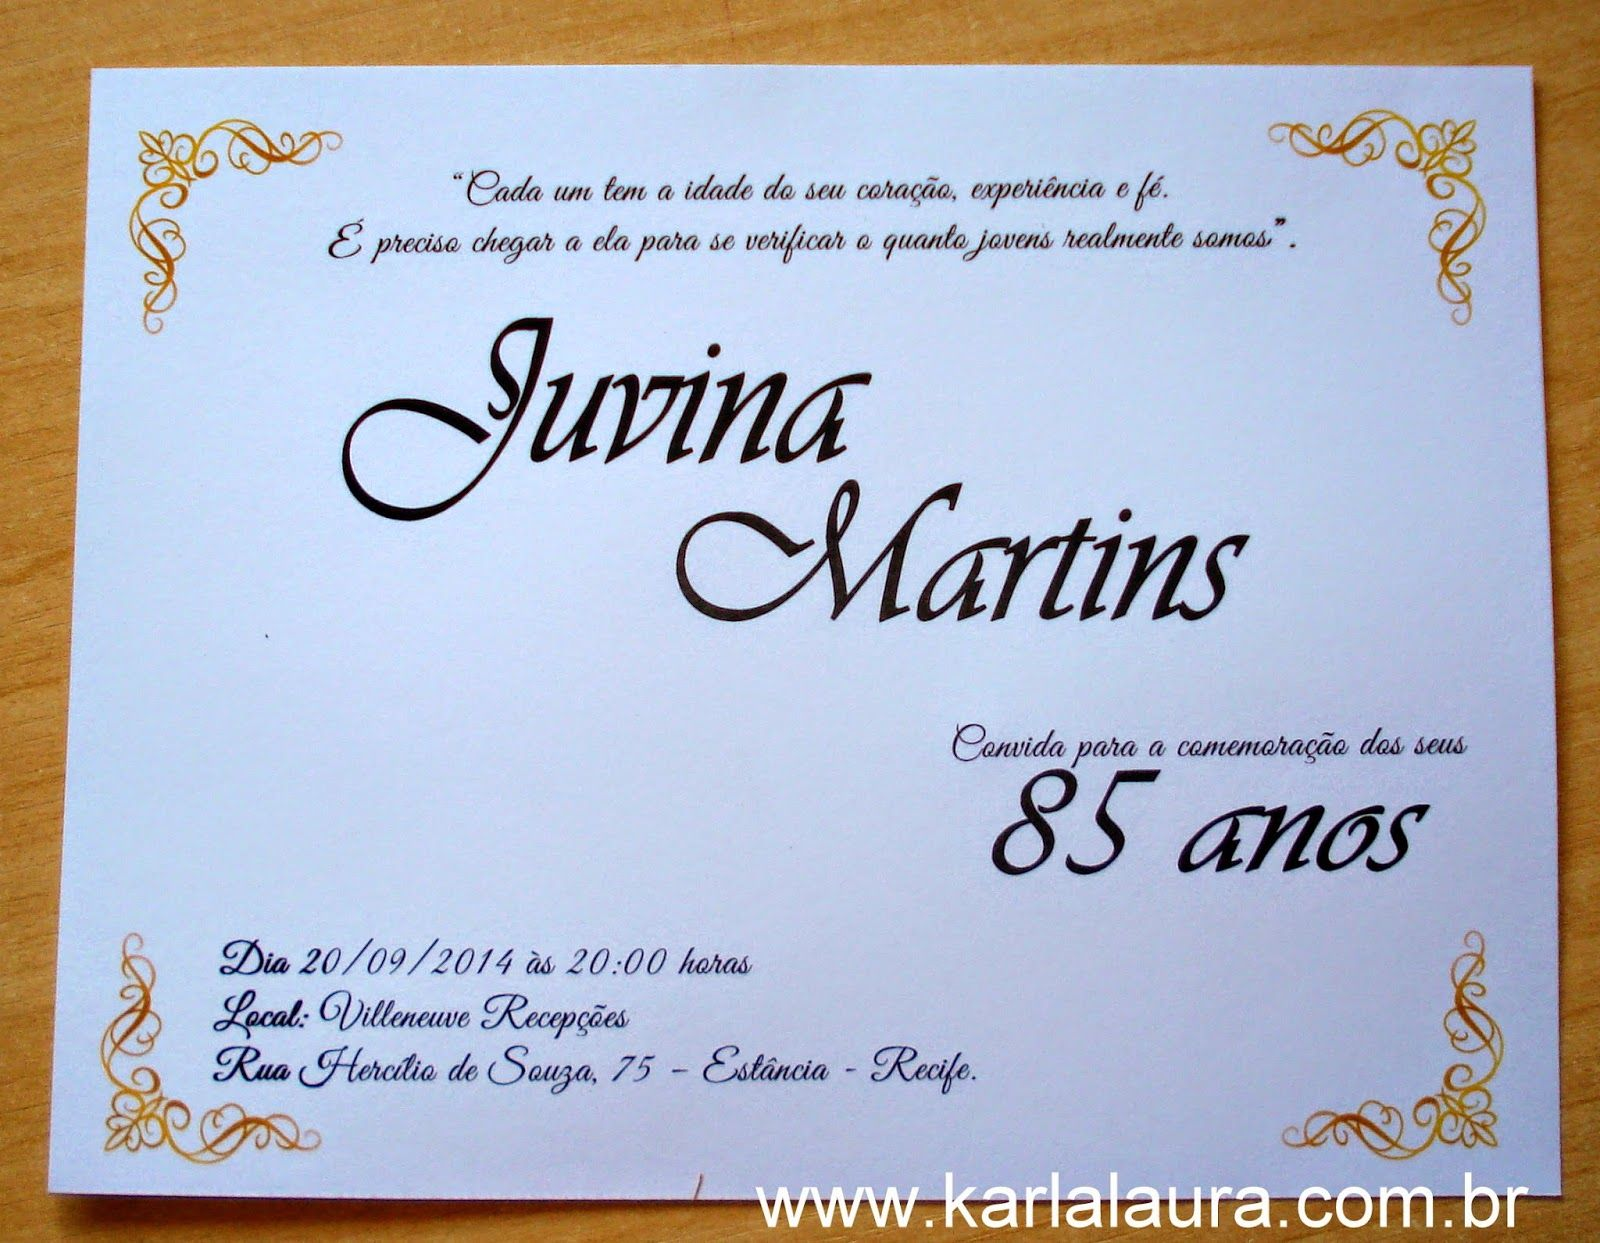 Convite De Aniversário 85 Anos Caderno De Mensagens Juvina